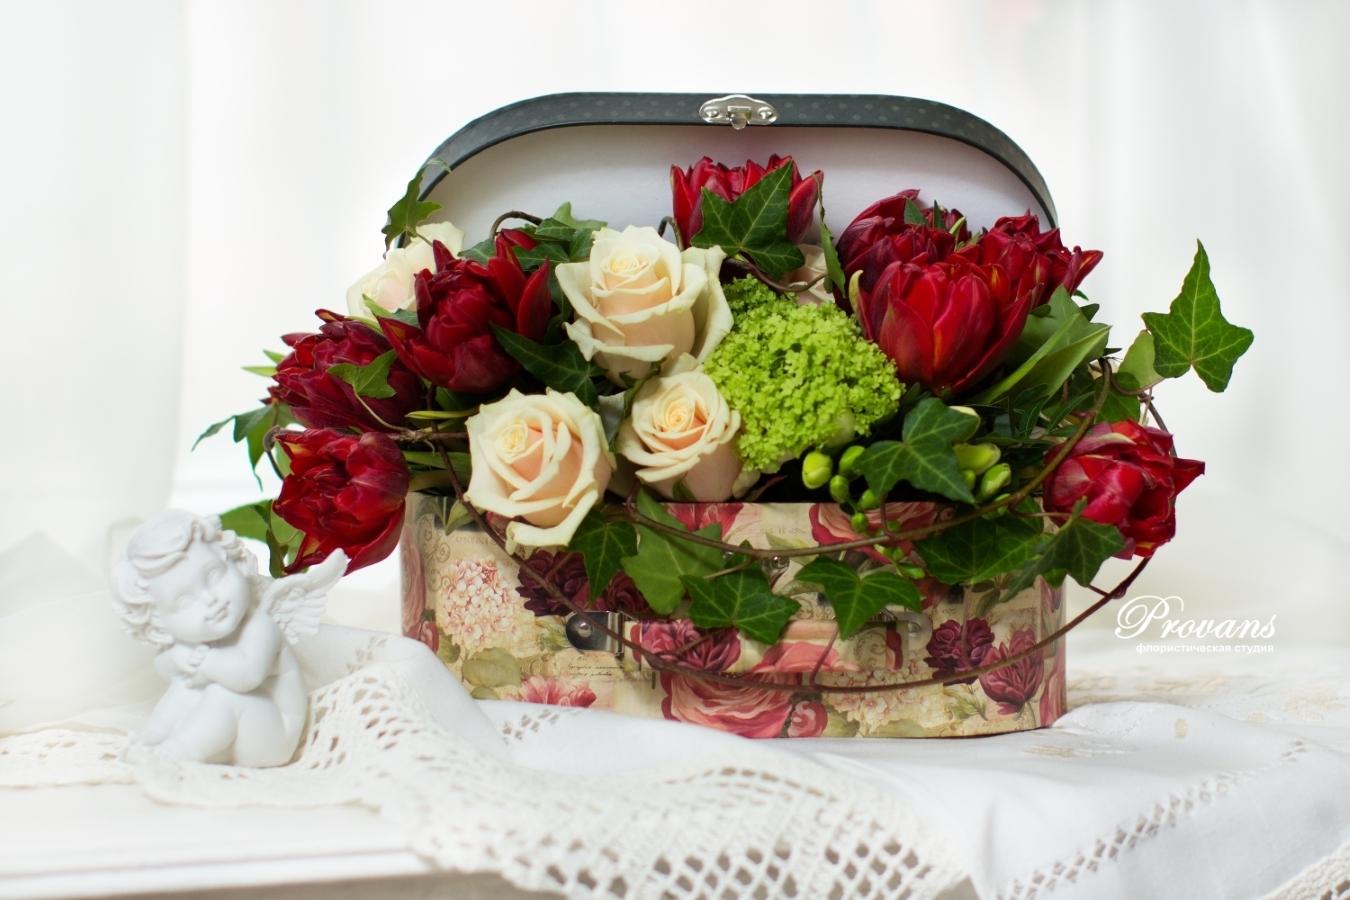 Шкатулка-саквояж с весенними цветами. Тюльпаны, розы, фрезия